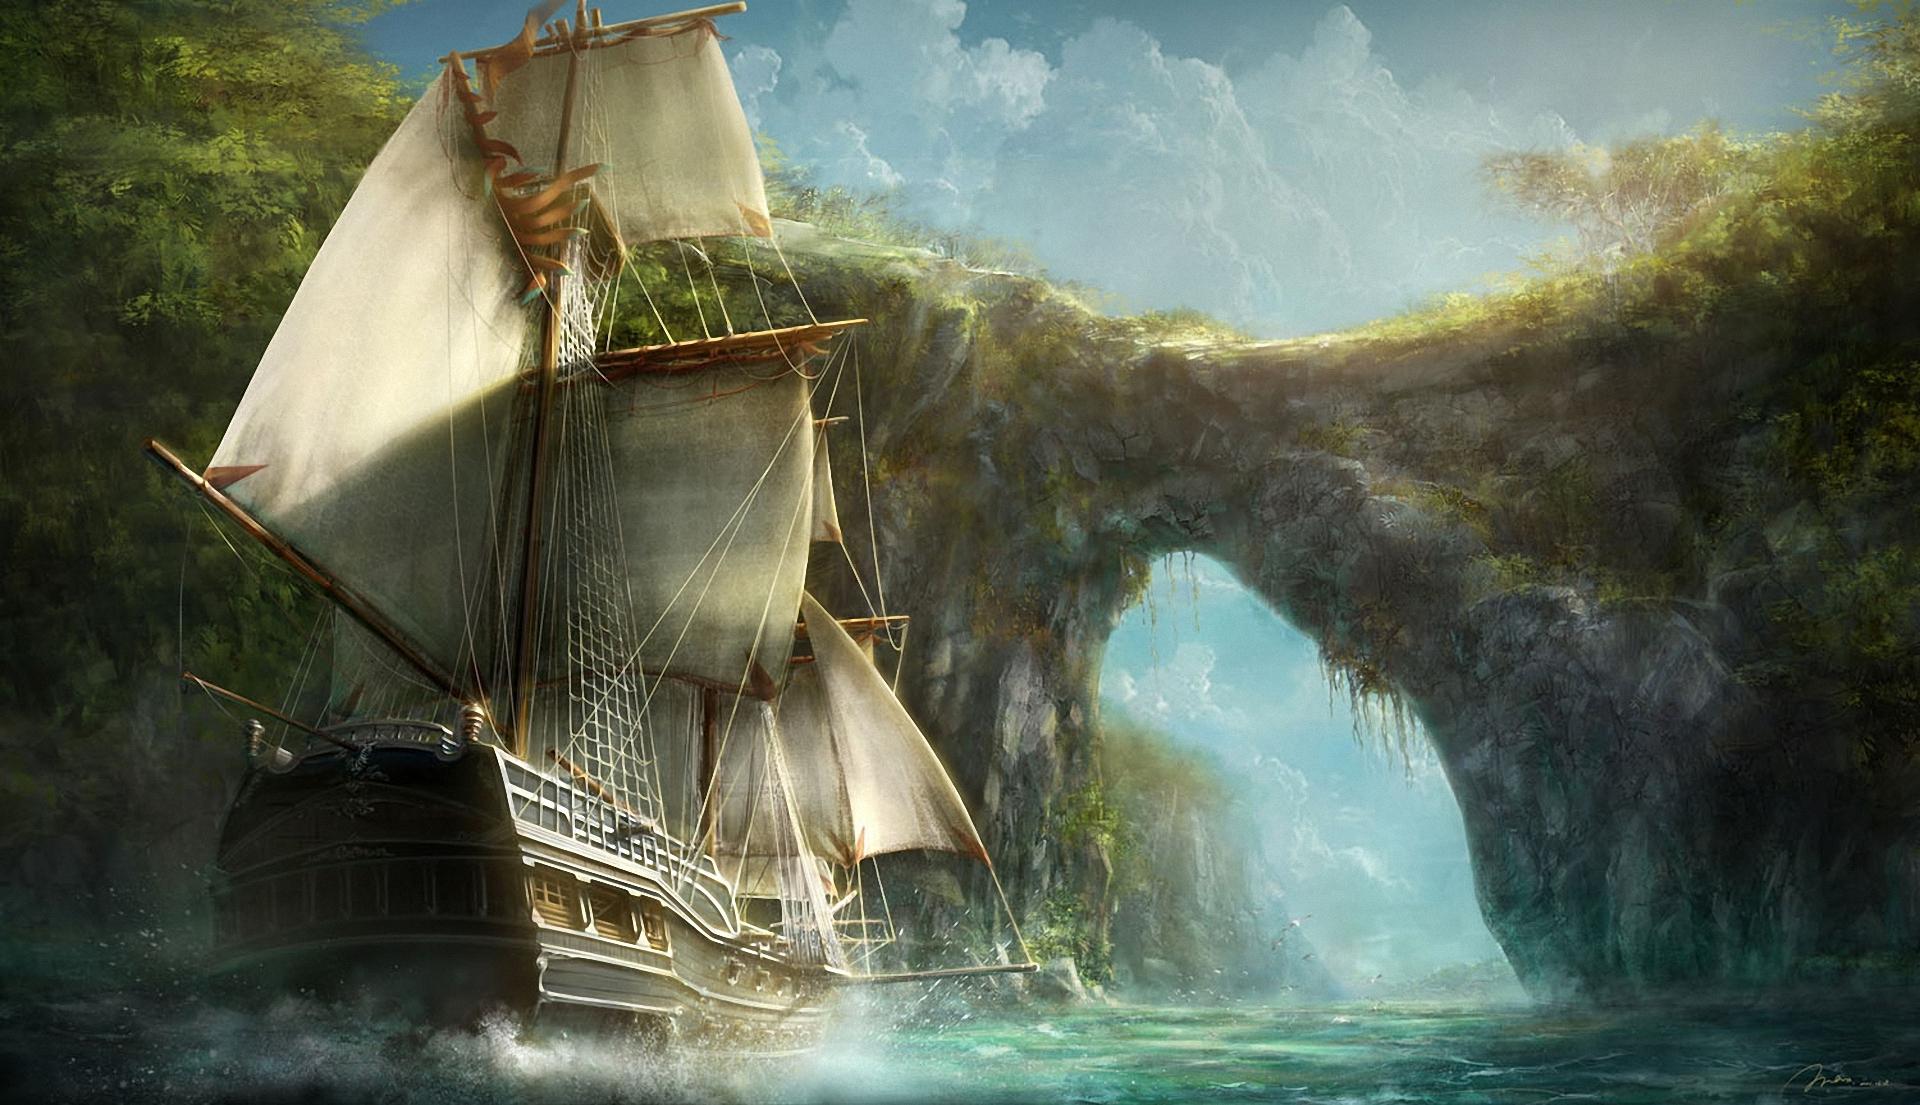 Фэнтези фотоколлаж парусные корабли